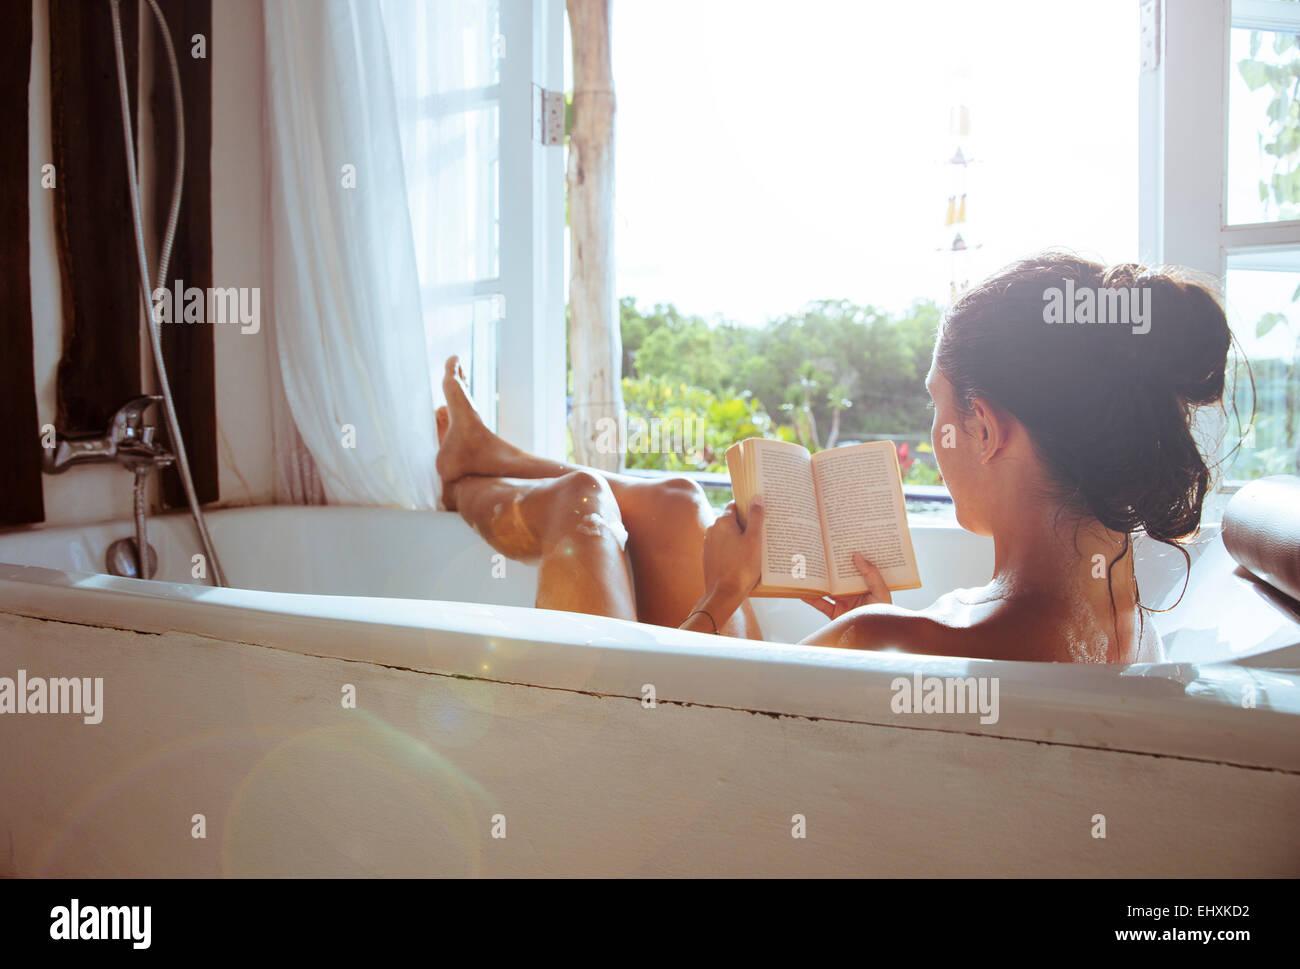 Vasca Da Bagno Relax : Donna relax nella vasca da bagno libro di lettura foto & immagine